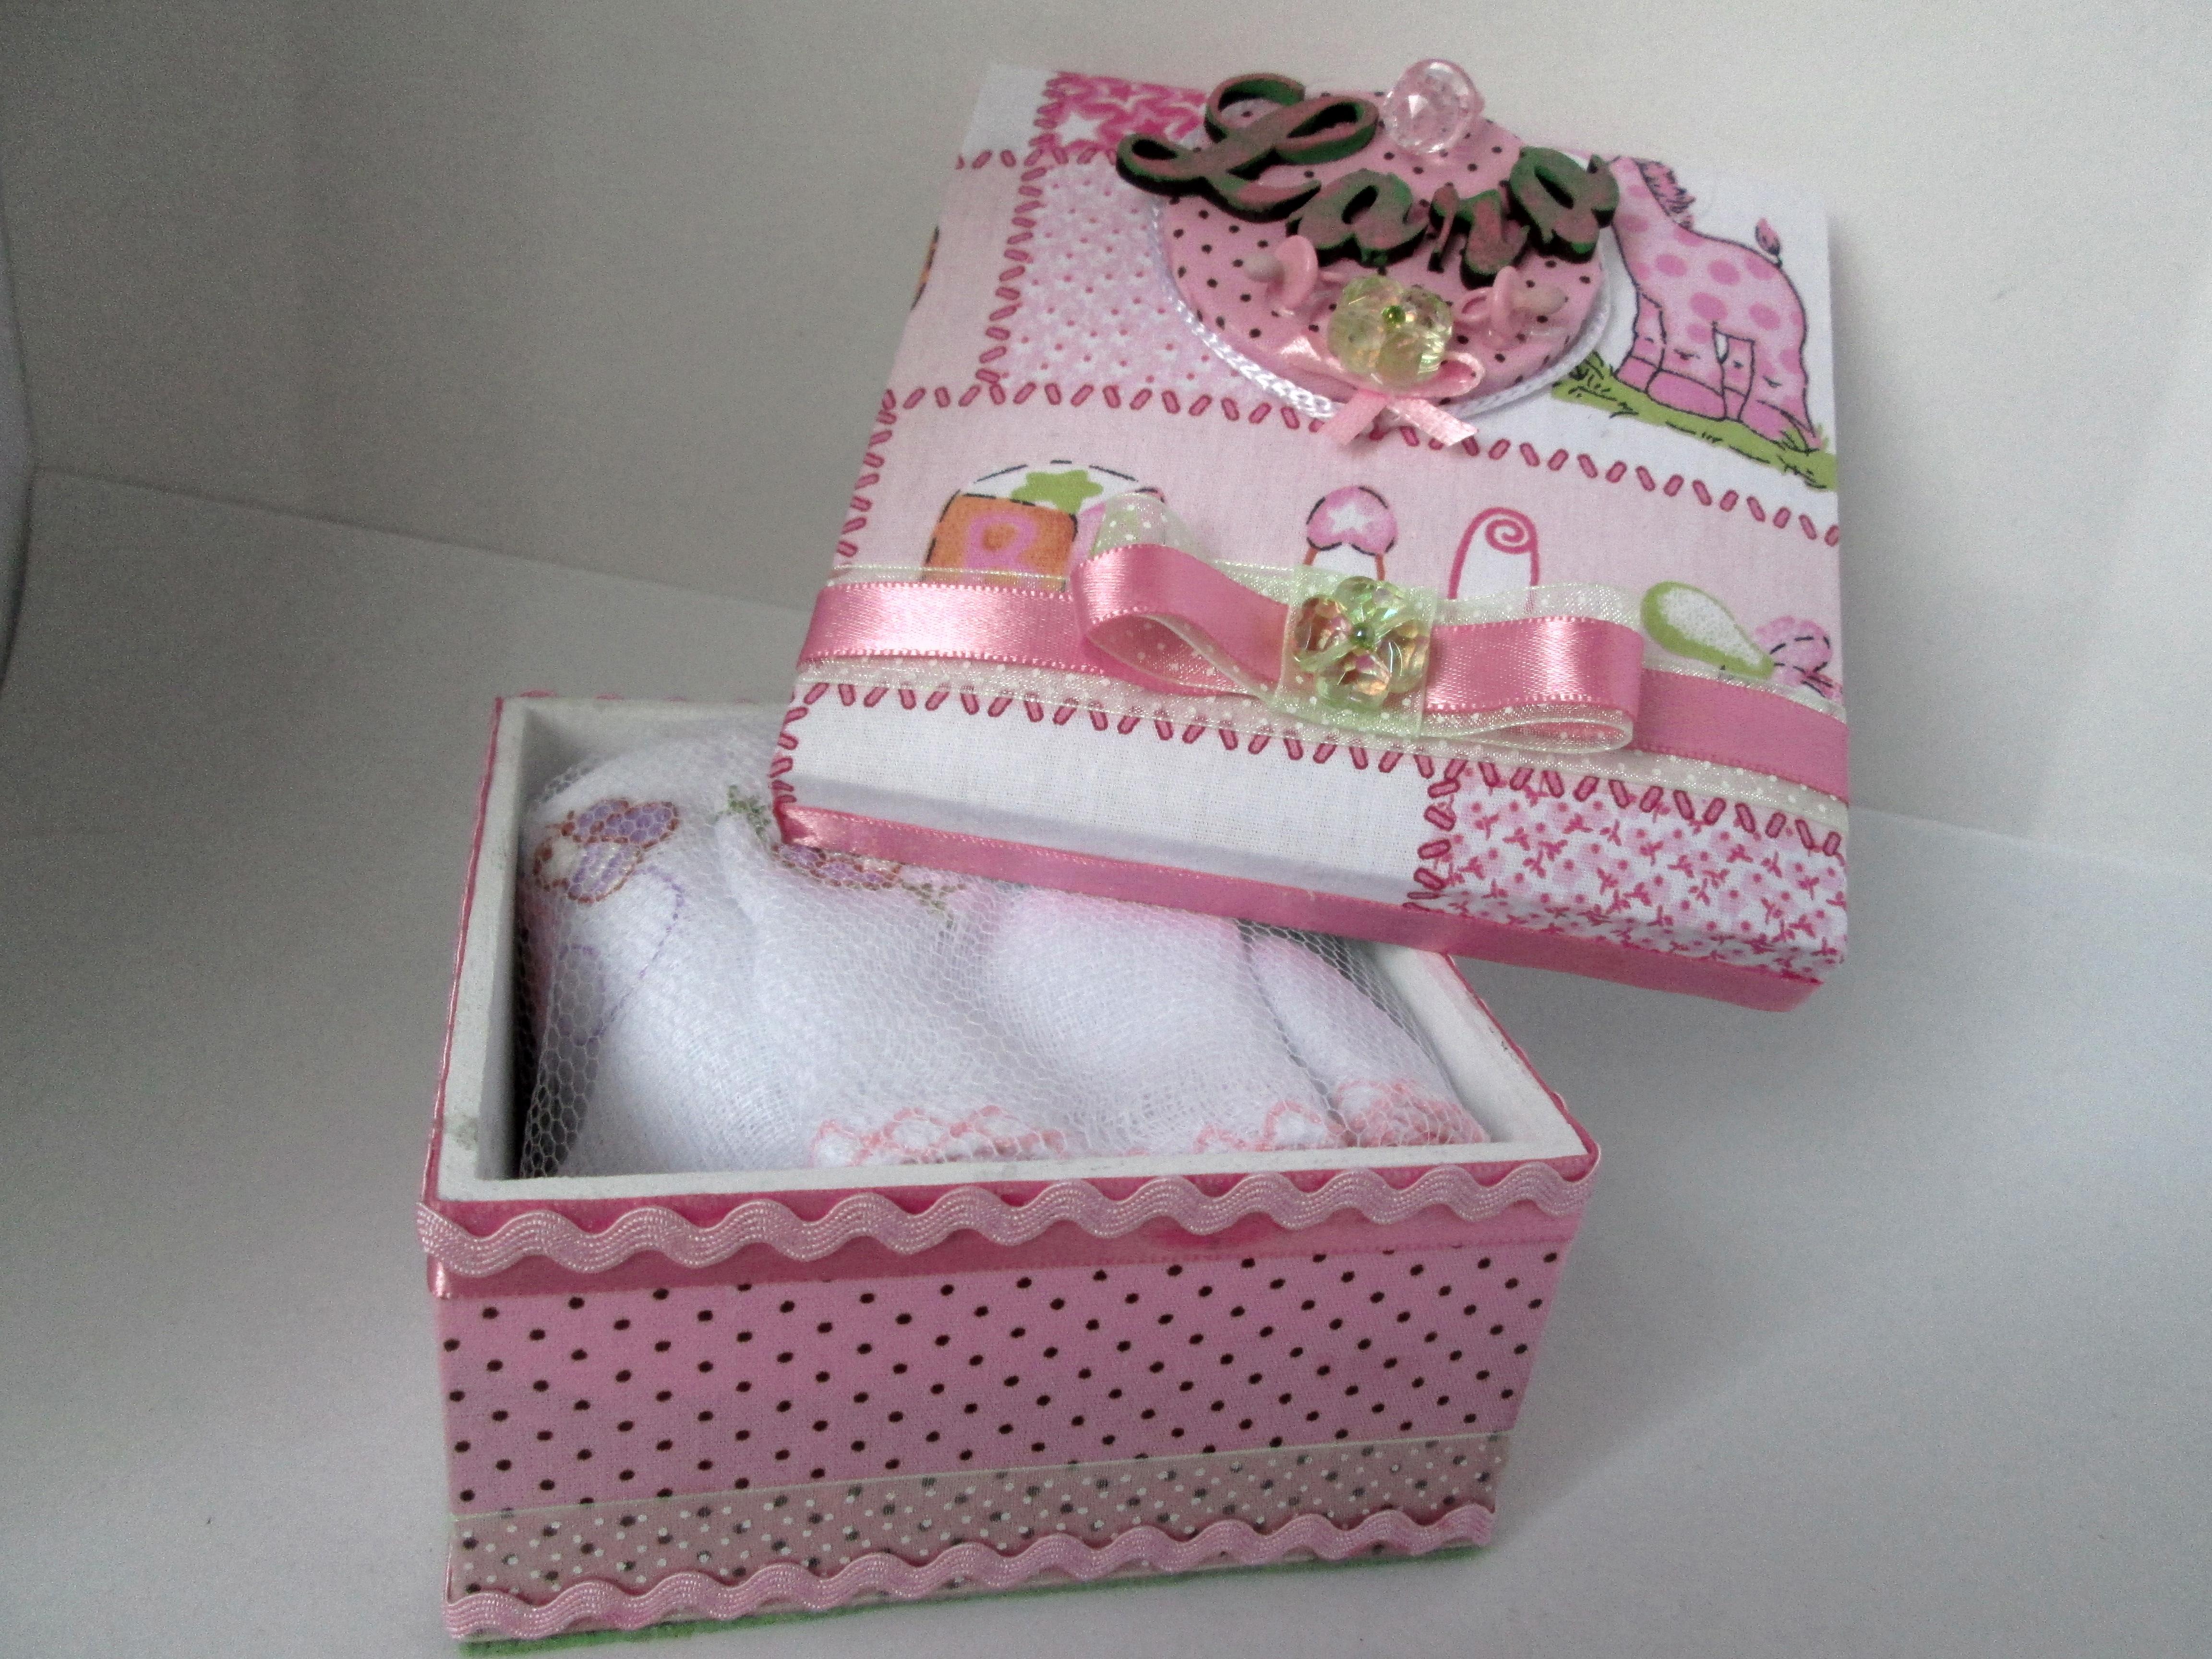 bebe caixa madeira caixa mdf revestida tecido motivo bebe caixa mdf #82495C 4608x3456